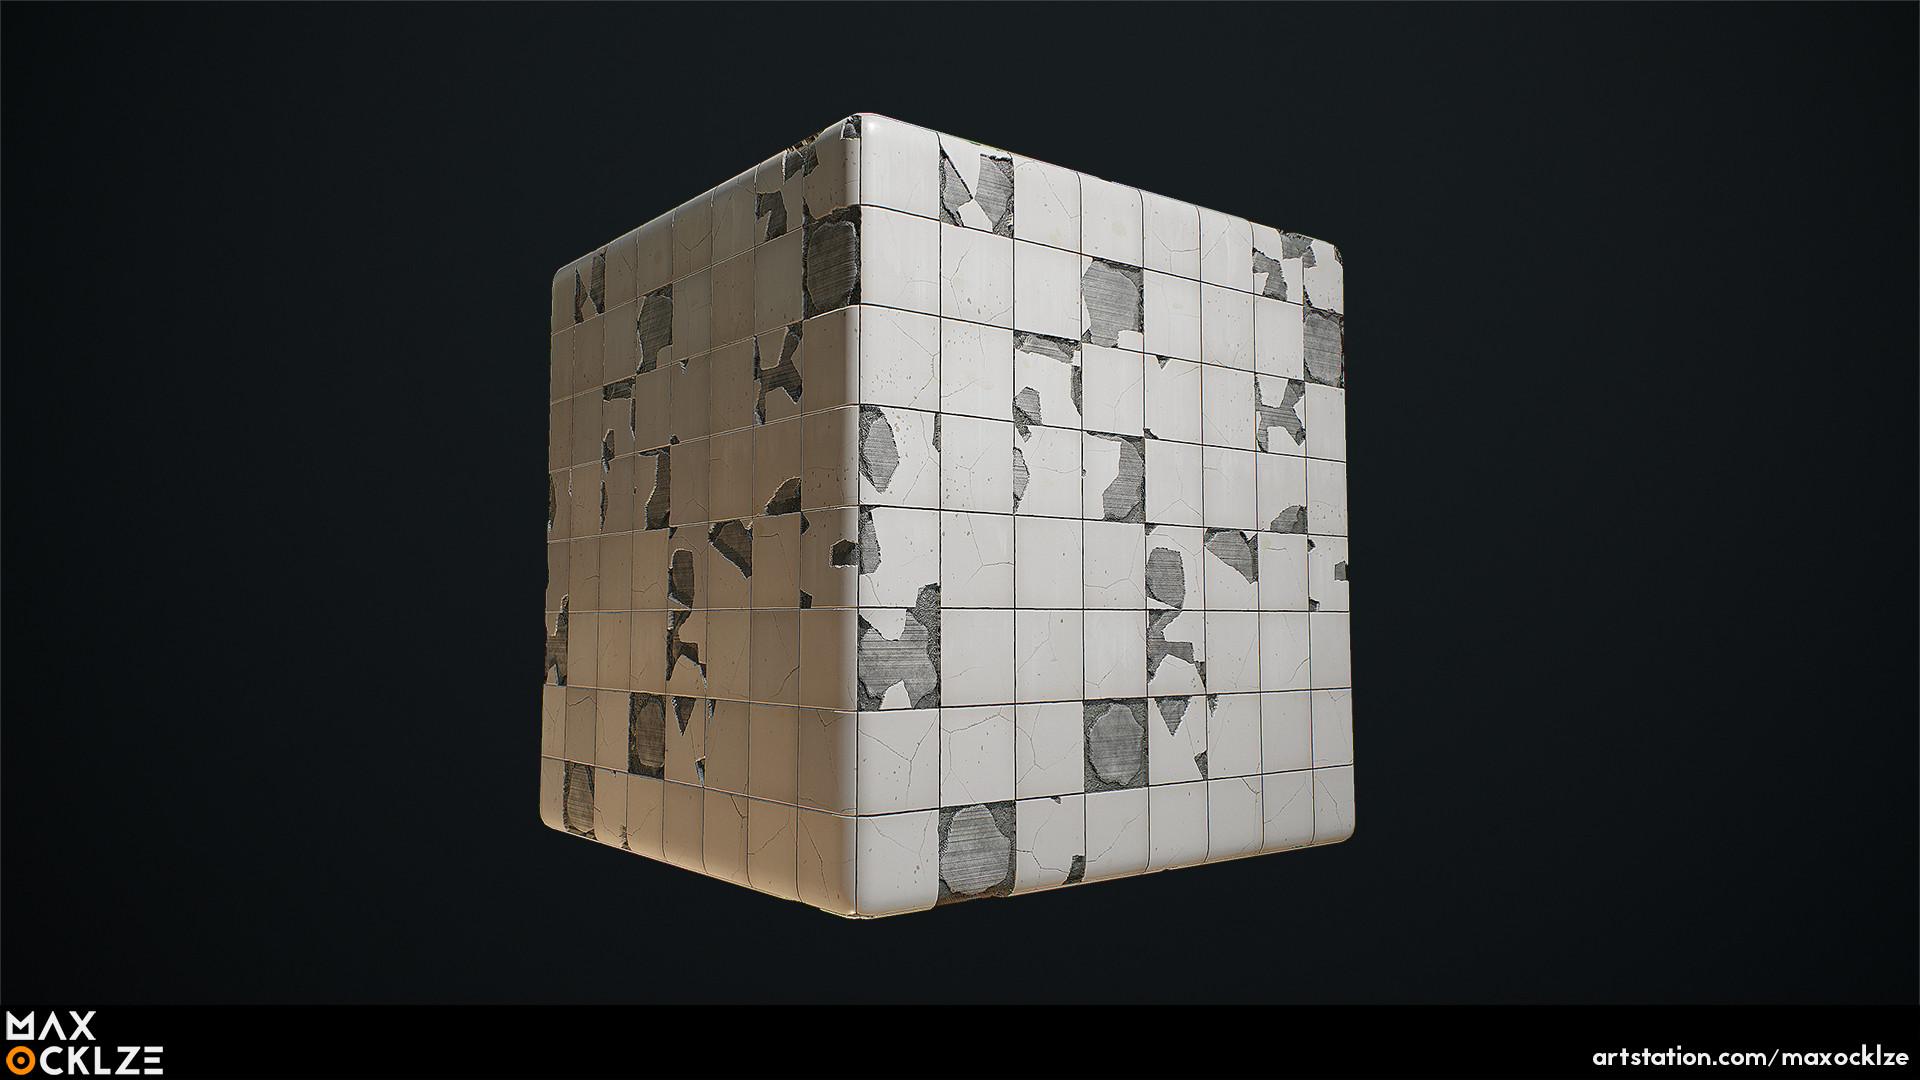 Max ocklze broken tiles 2